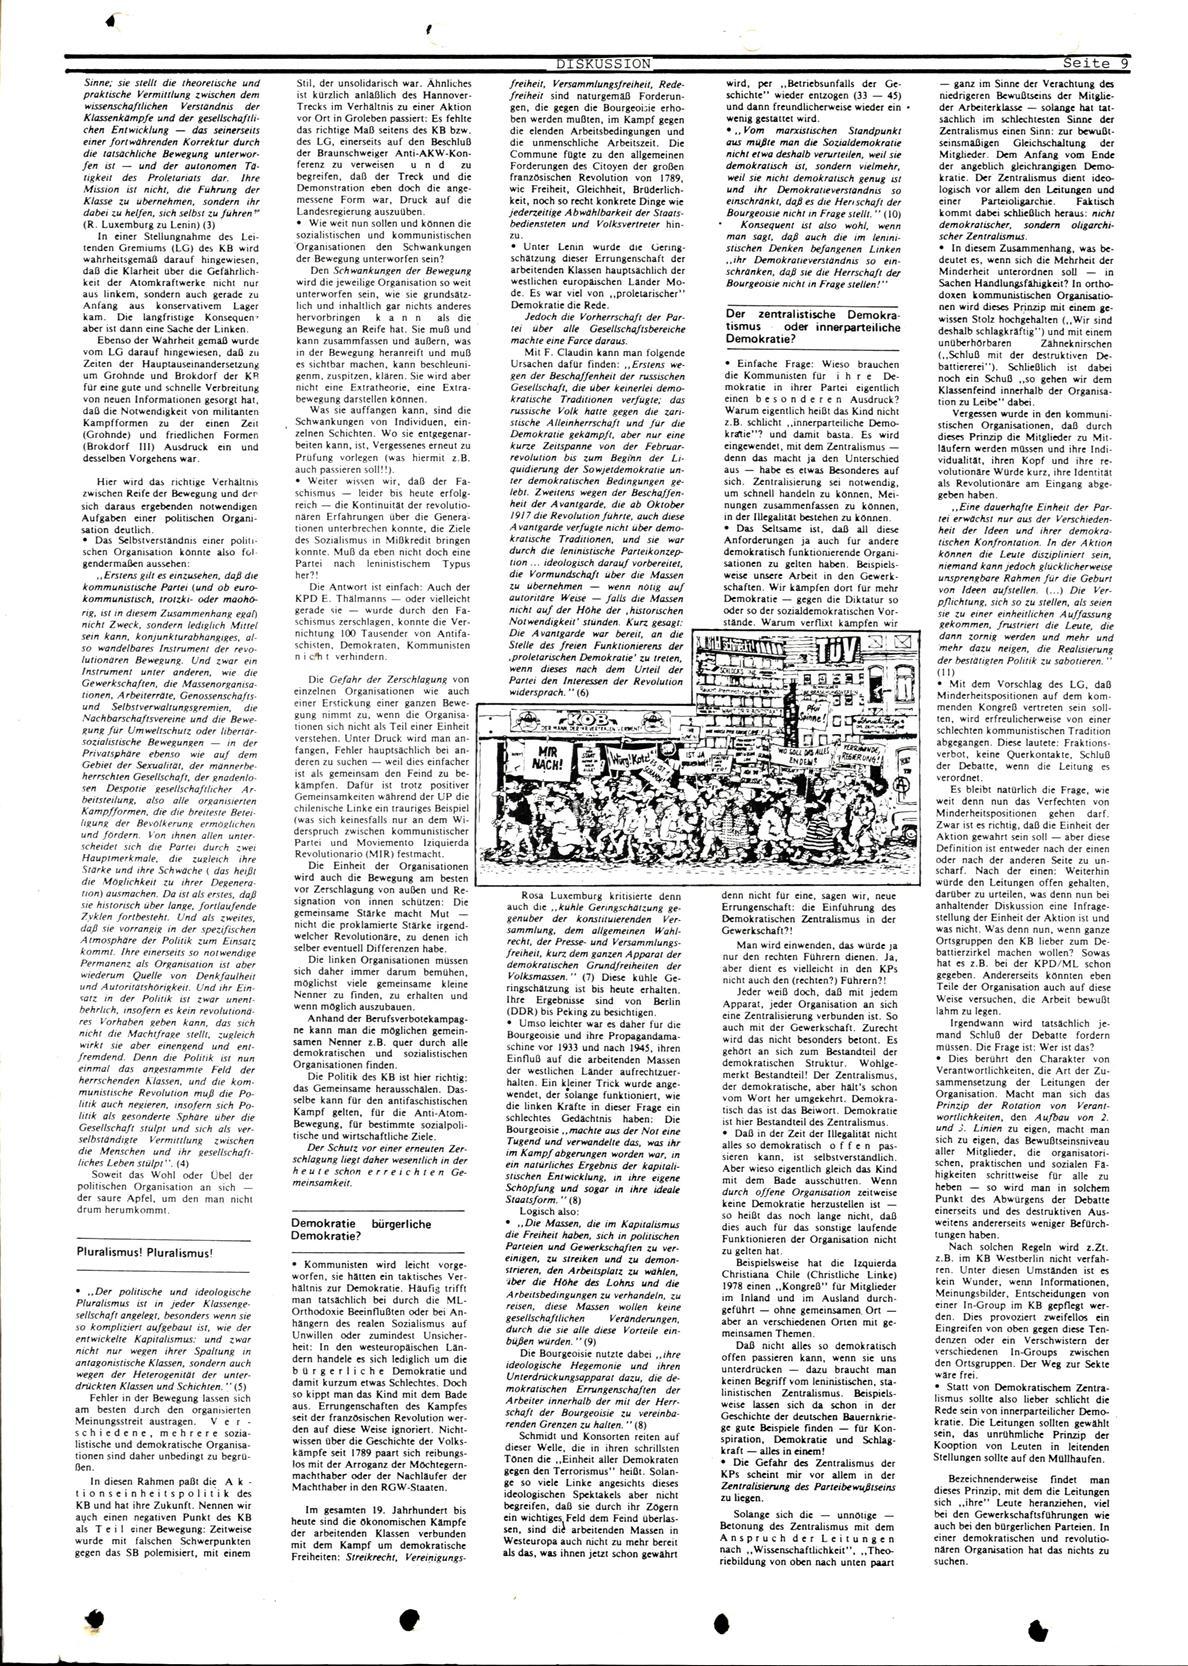 Bonner_Volksblatt_27_19790828_09